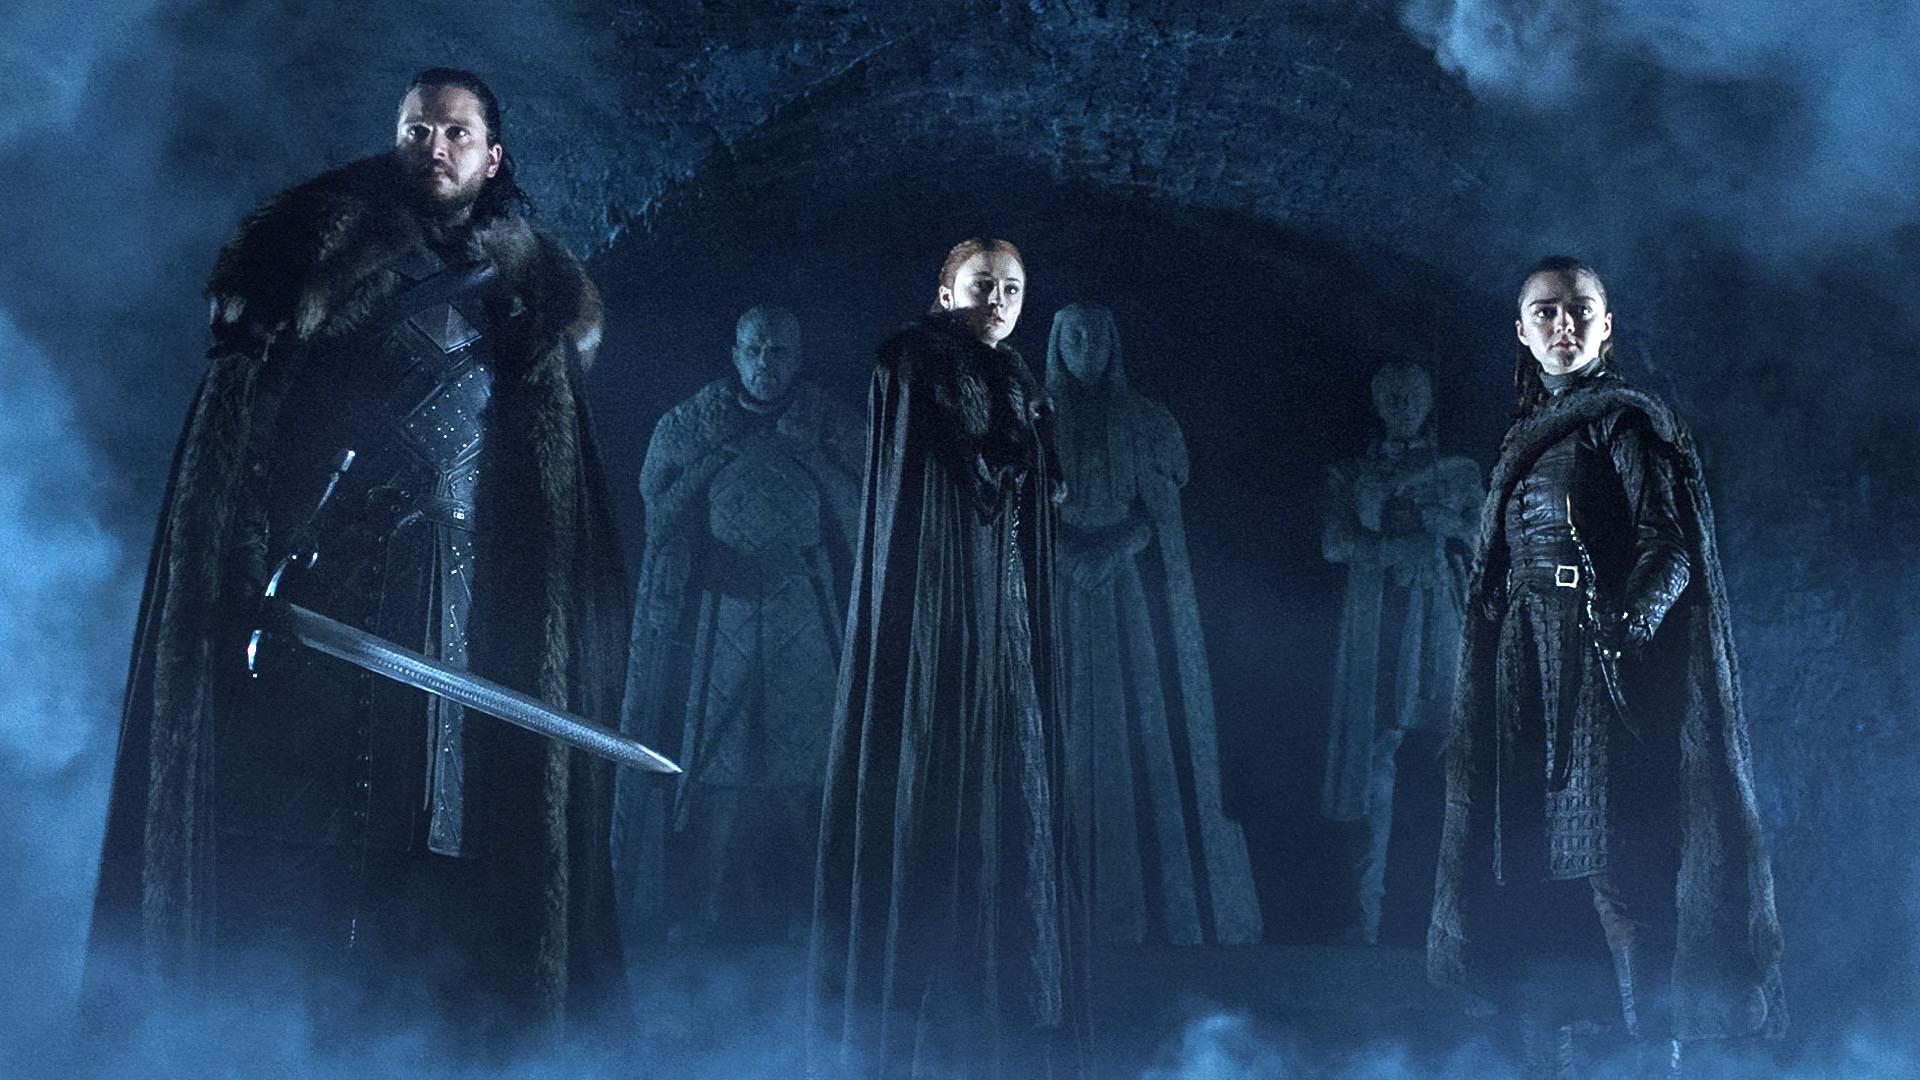 Game of Thrones: El trailer completo de la última temporada